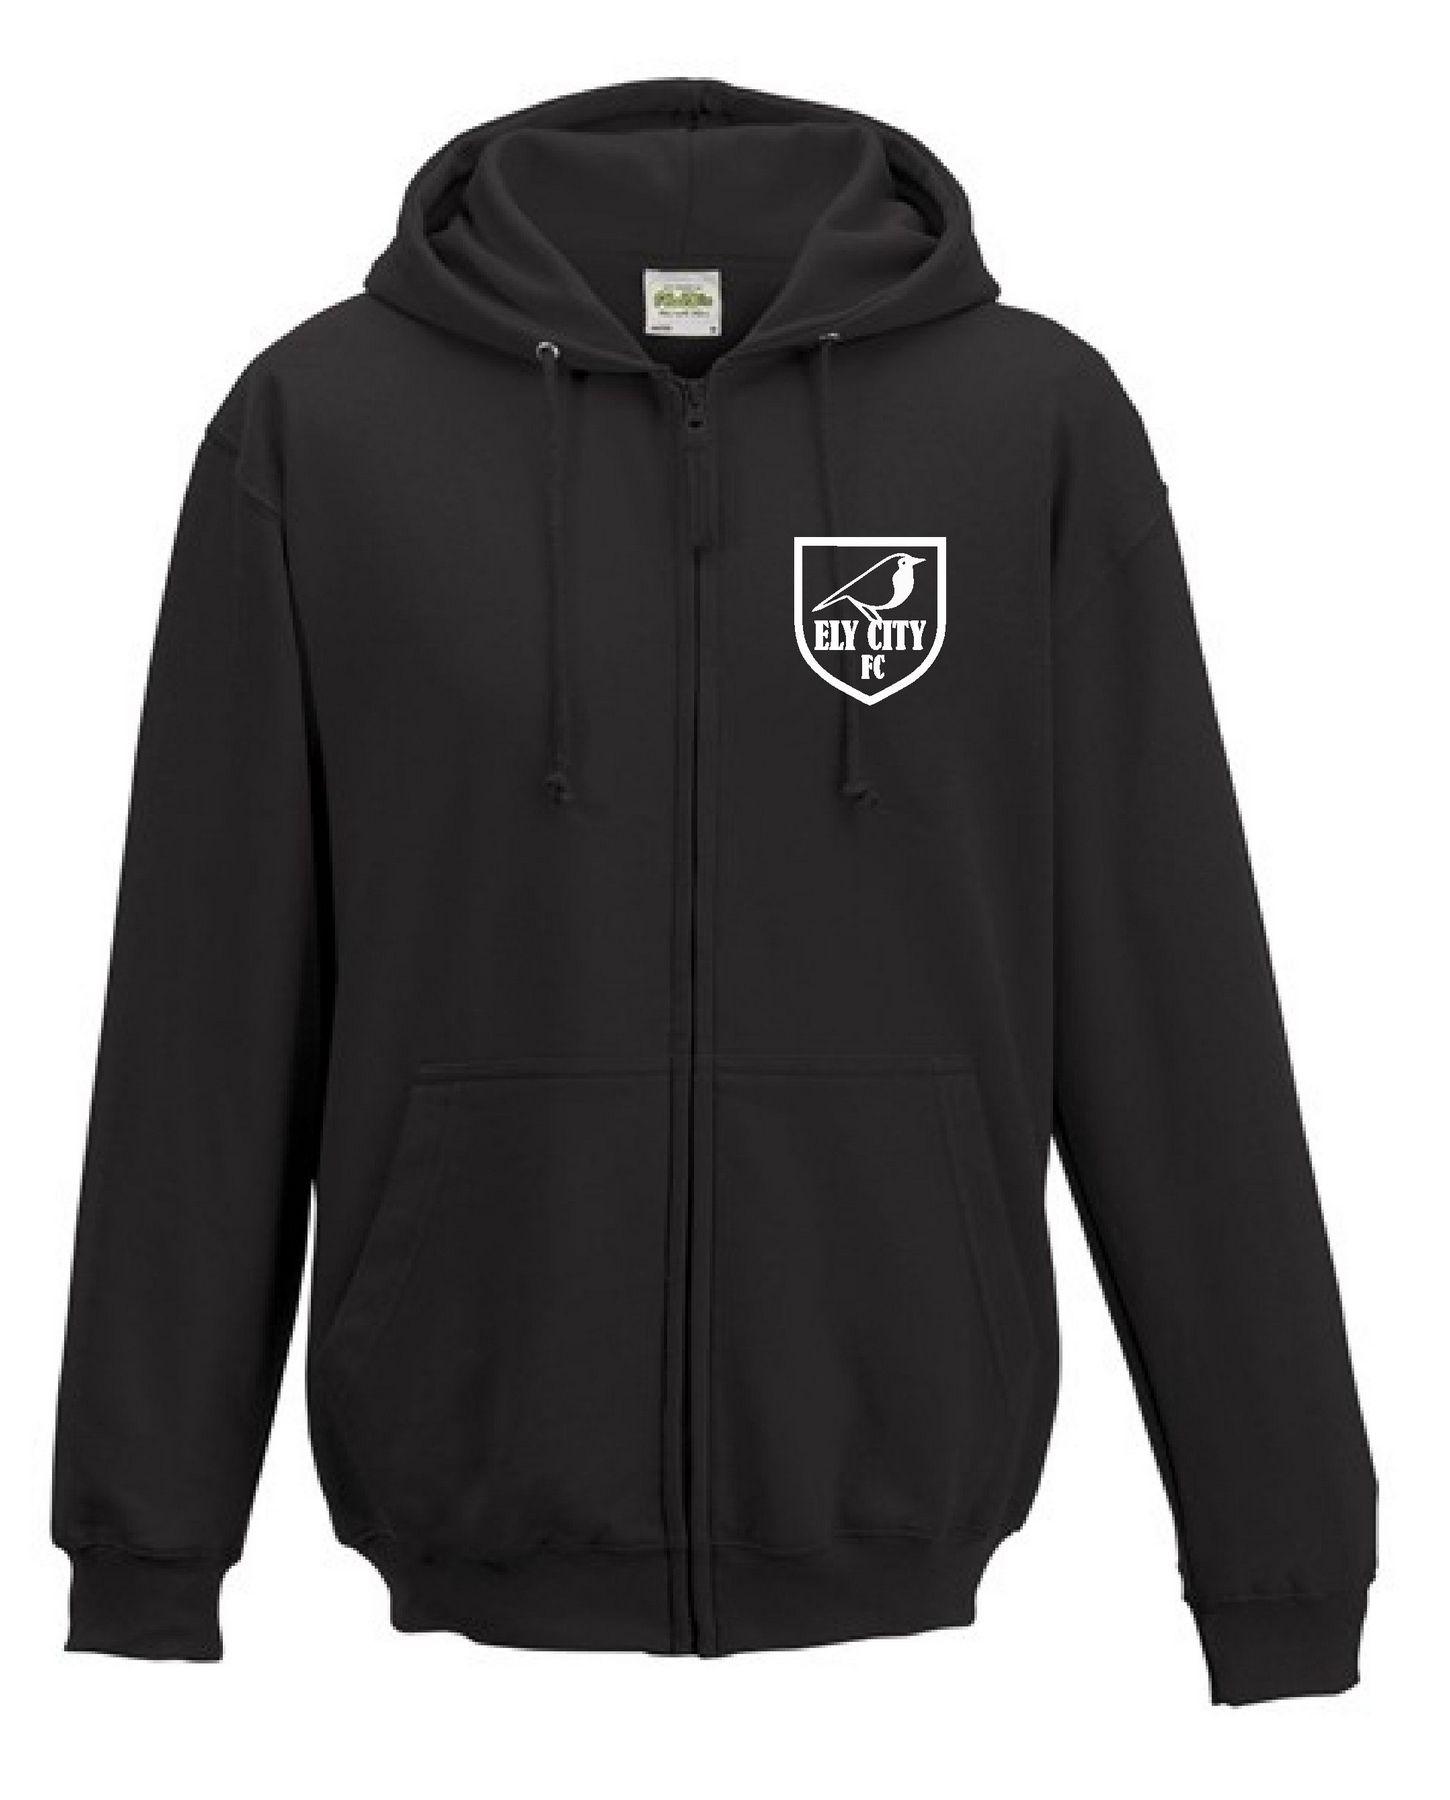 ECFC – Zip Hoodie in Black